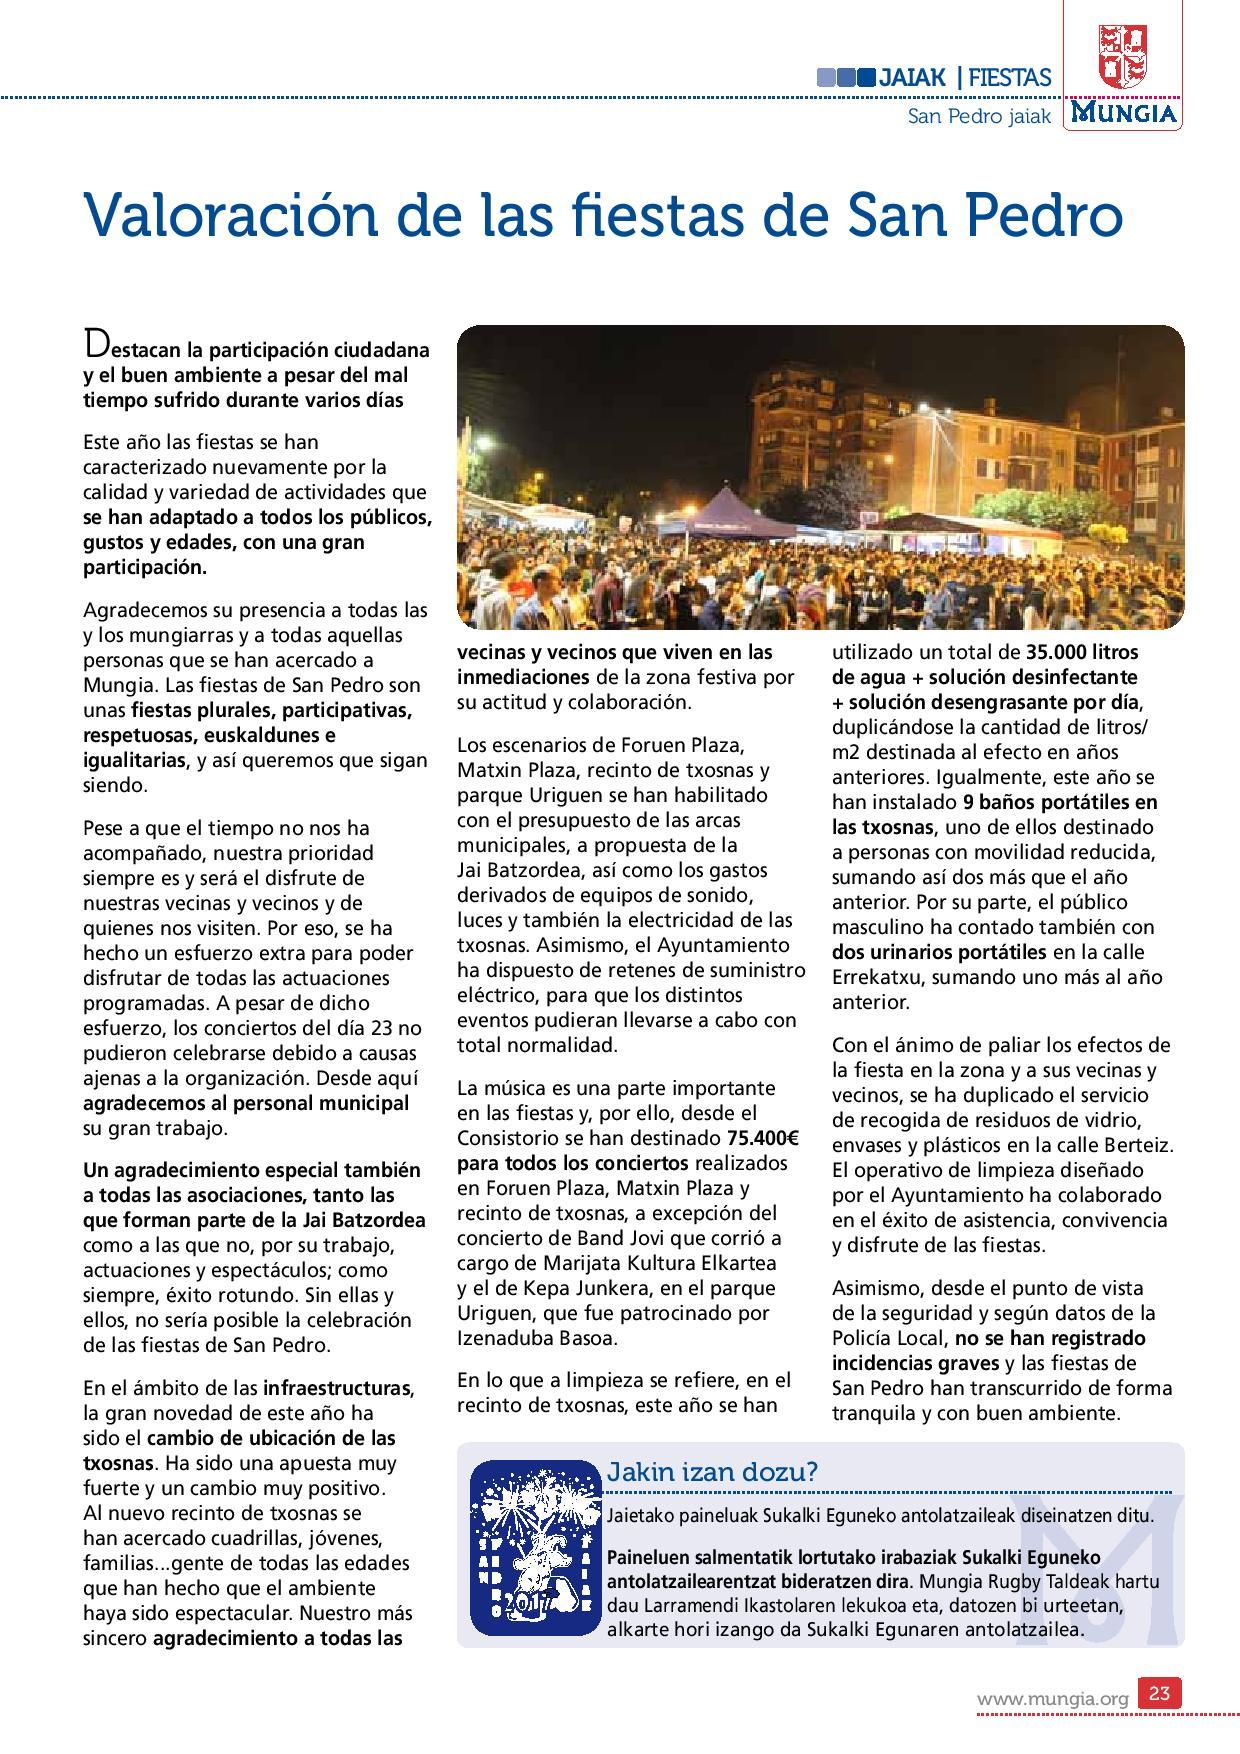 Mungiarra 58 pg23 valoracion de las Fiestas de San Pedro